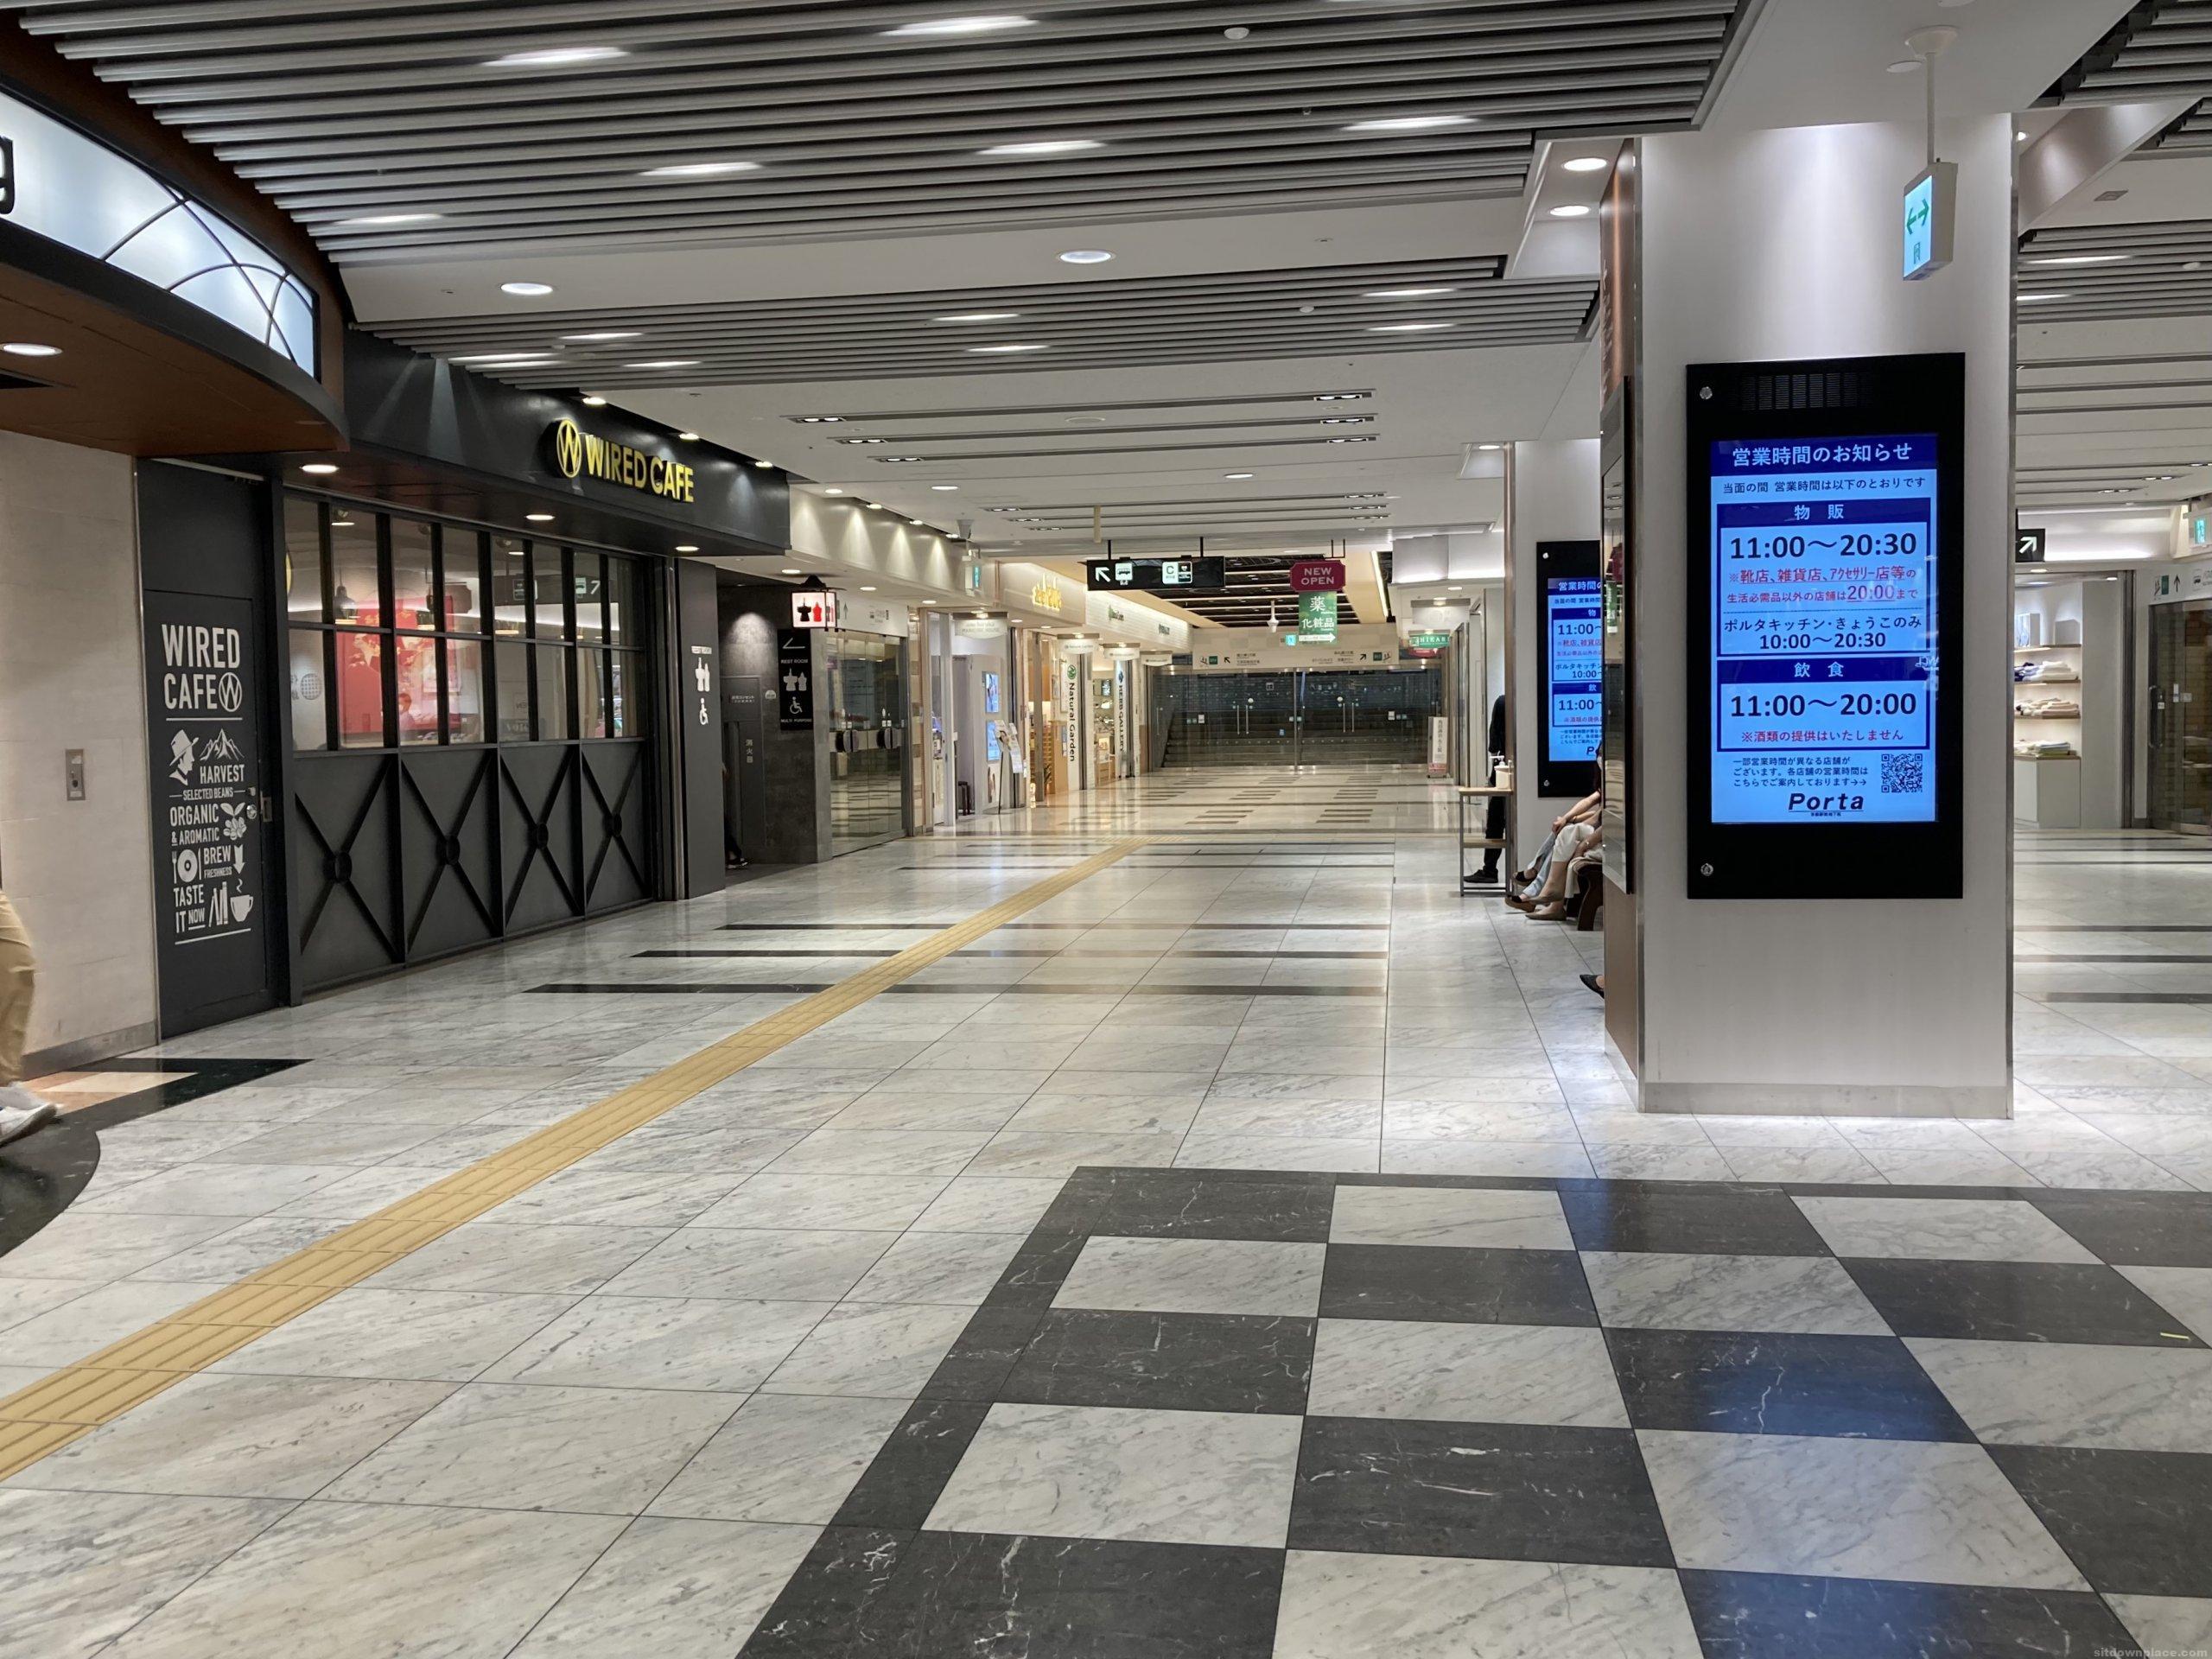 【京都駅】ポルタ地下街 ワイアードカフェ前の休憩場所2